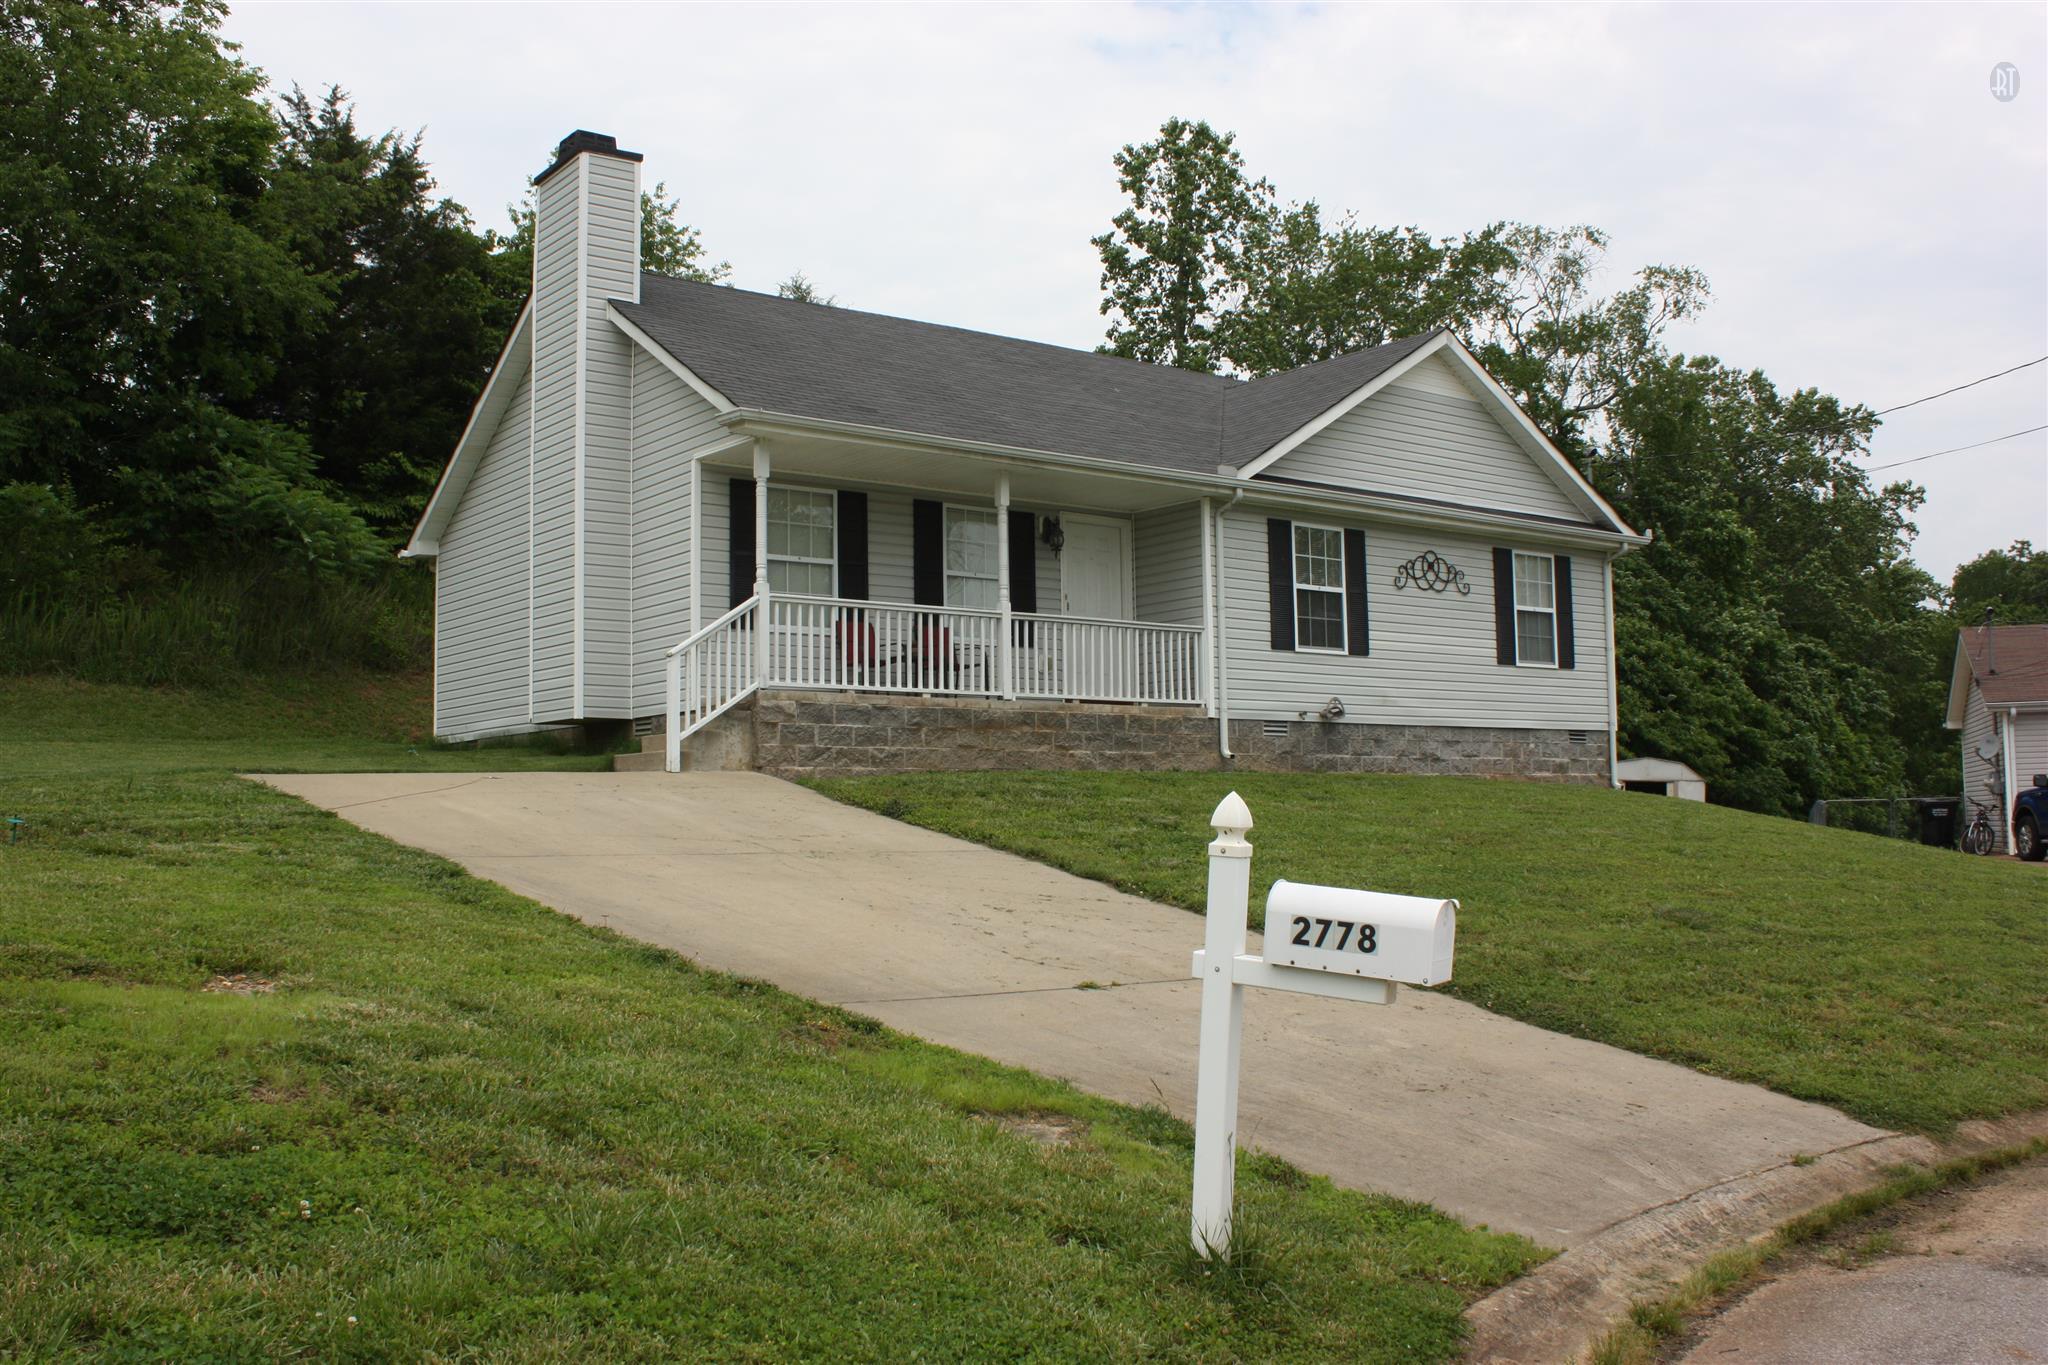 Photo of 2778 Applemill Ct  Clarksville  TN